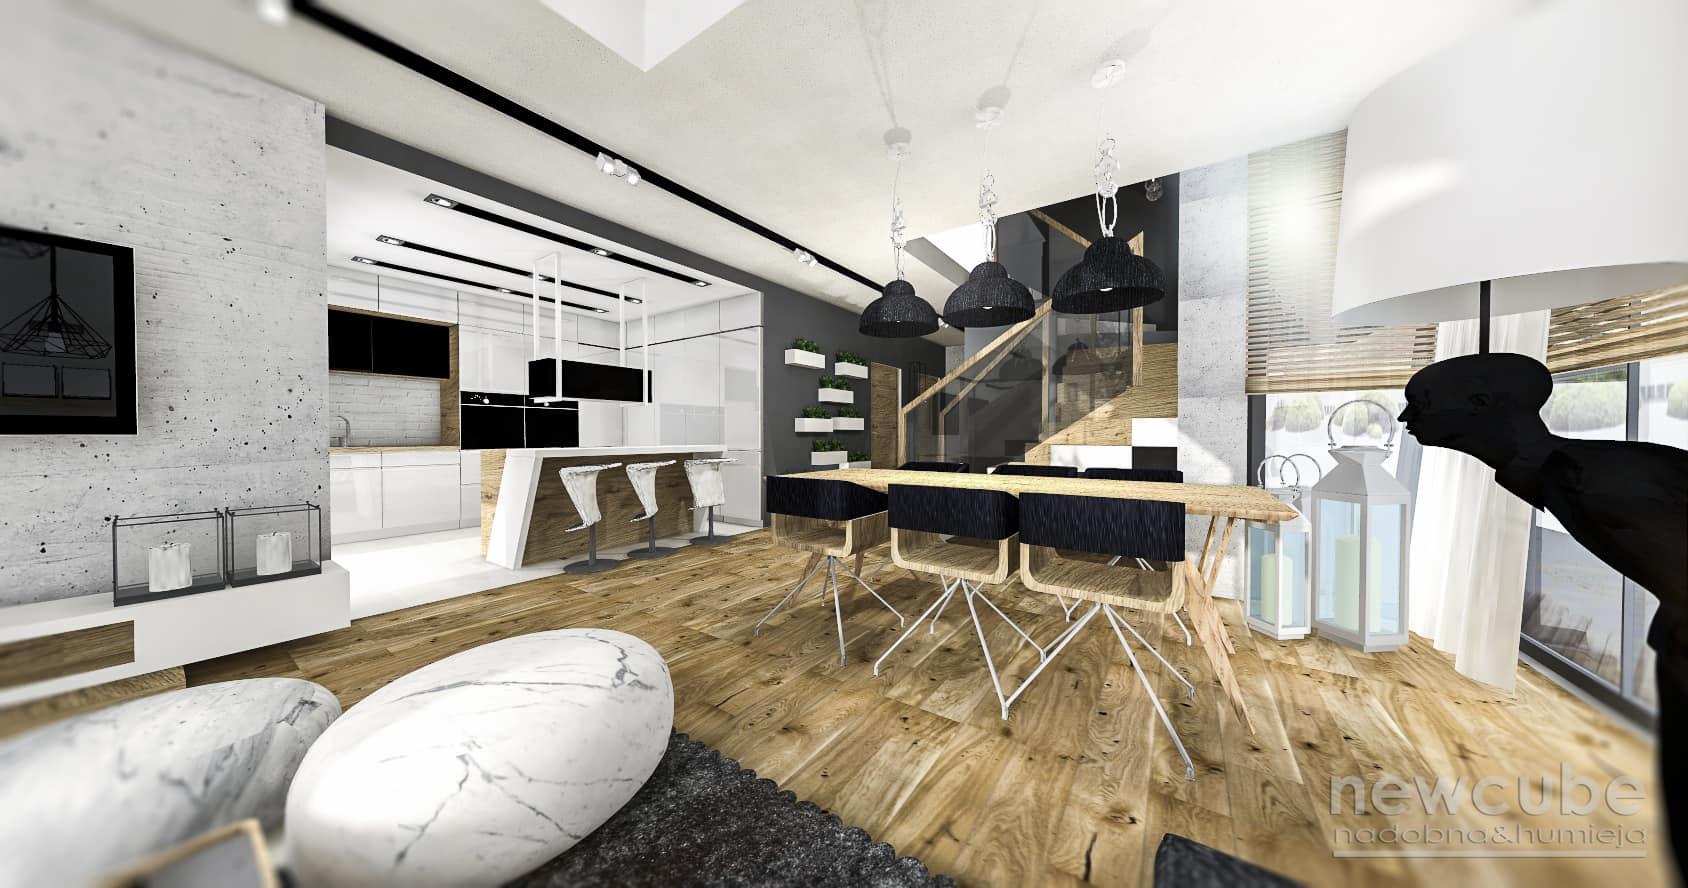 aranzacja-wnetrz-projekt-architekt-new-cube-1220160111